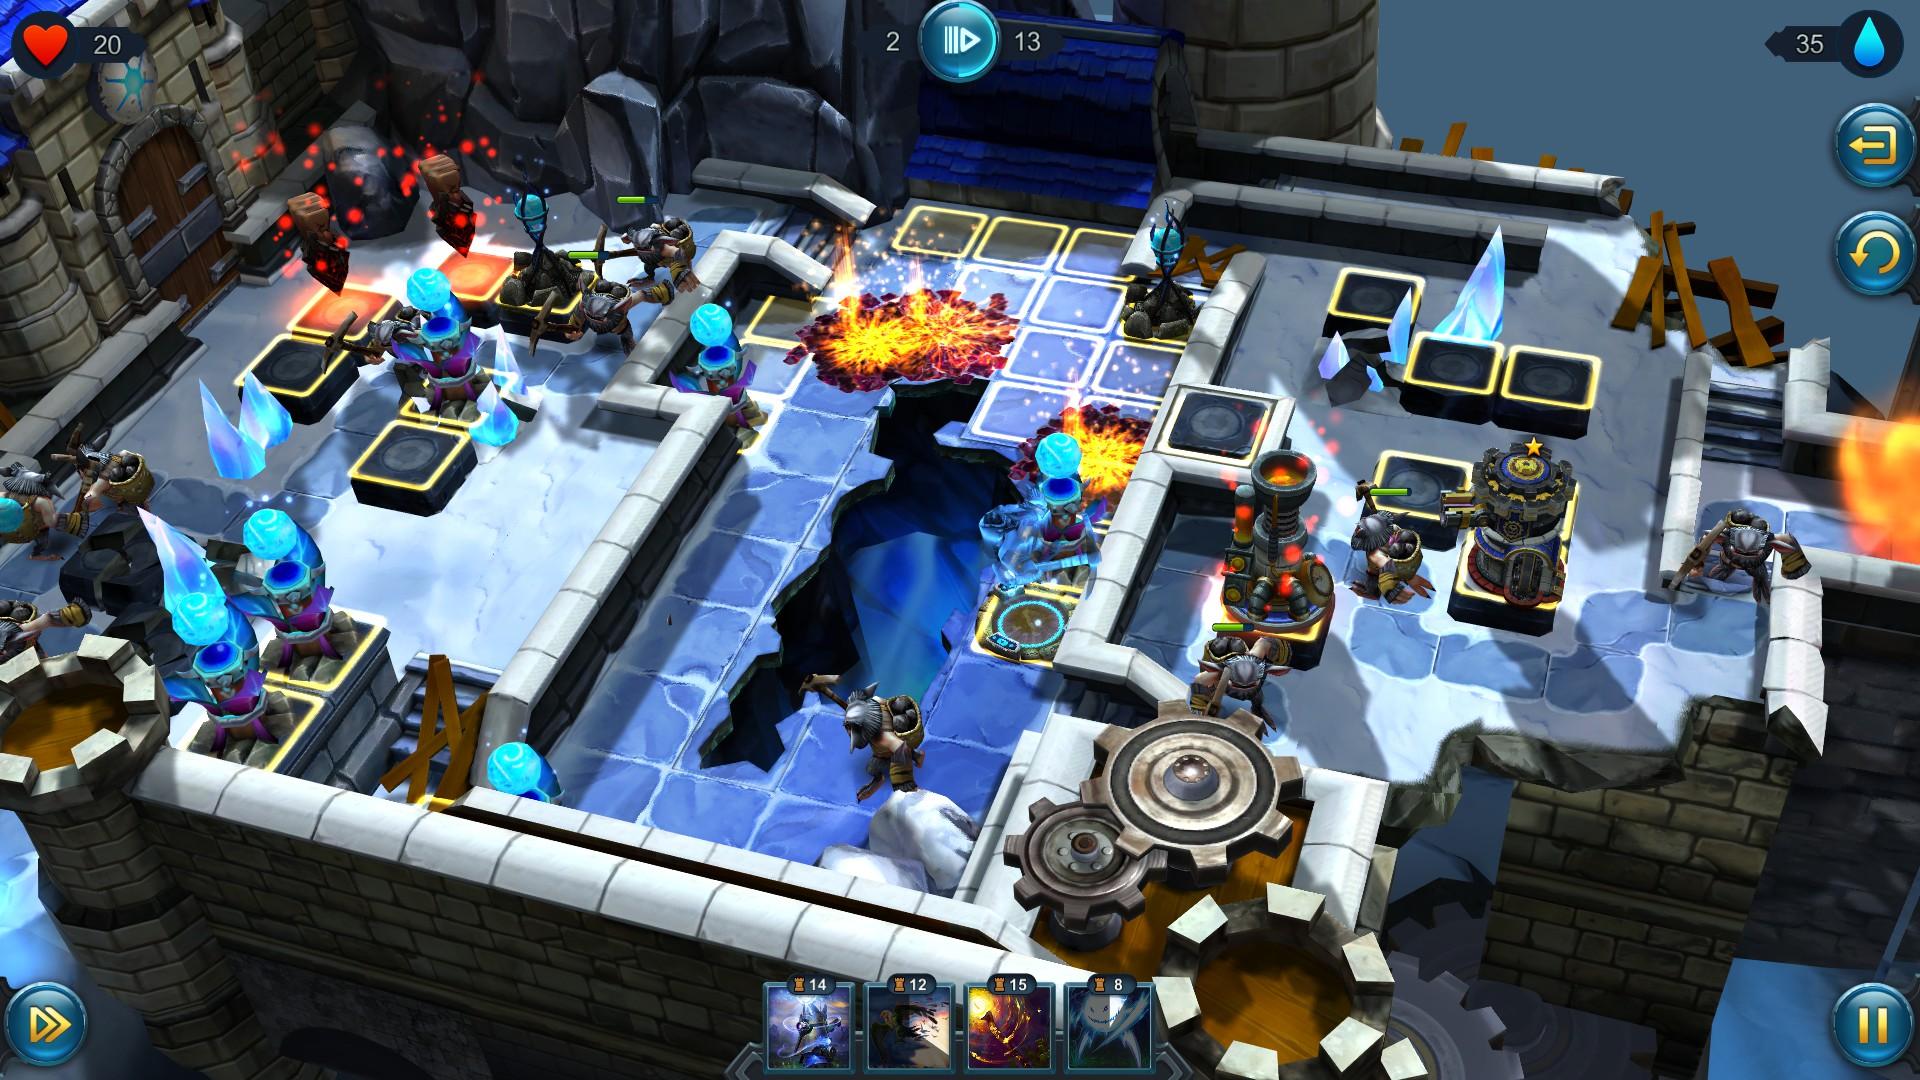 Θύρες δημιουργίας παικτών Dota 2